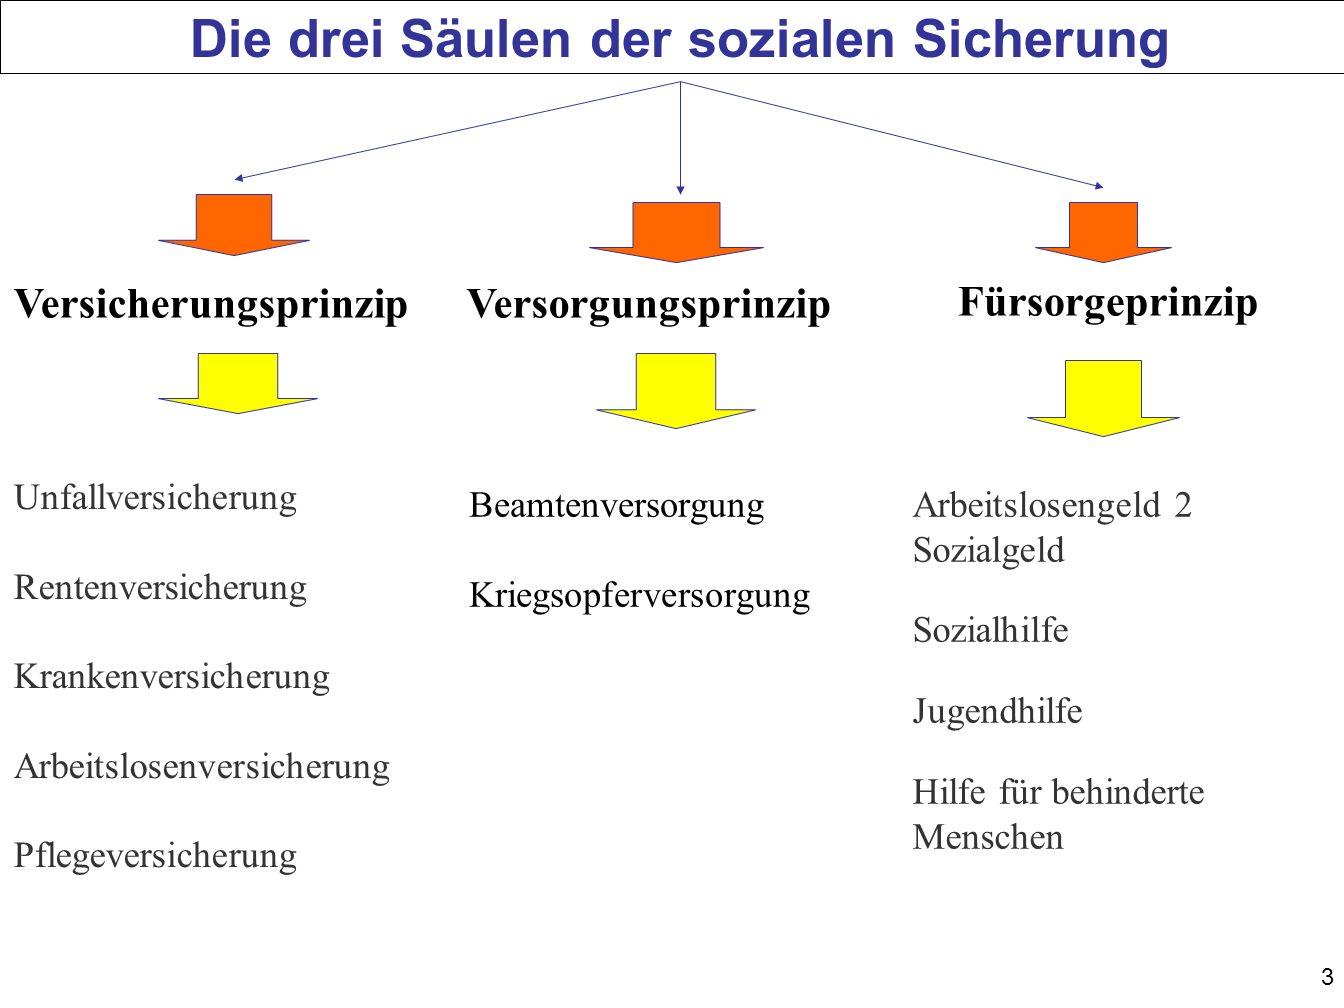 Die drei Säulen der sozialen Sicherung